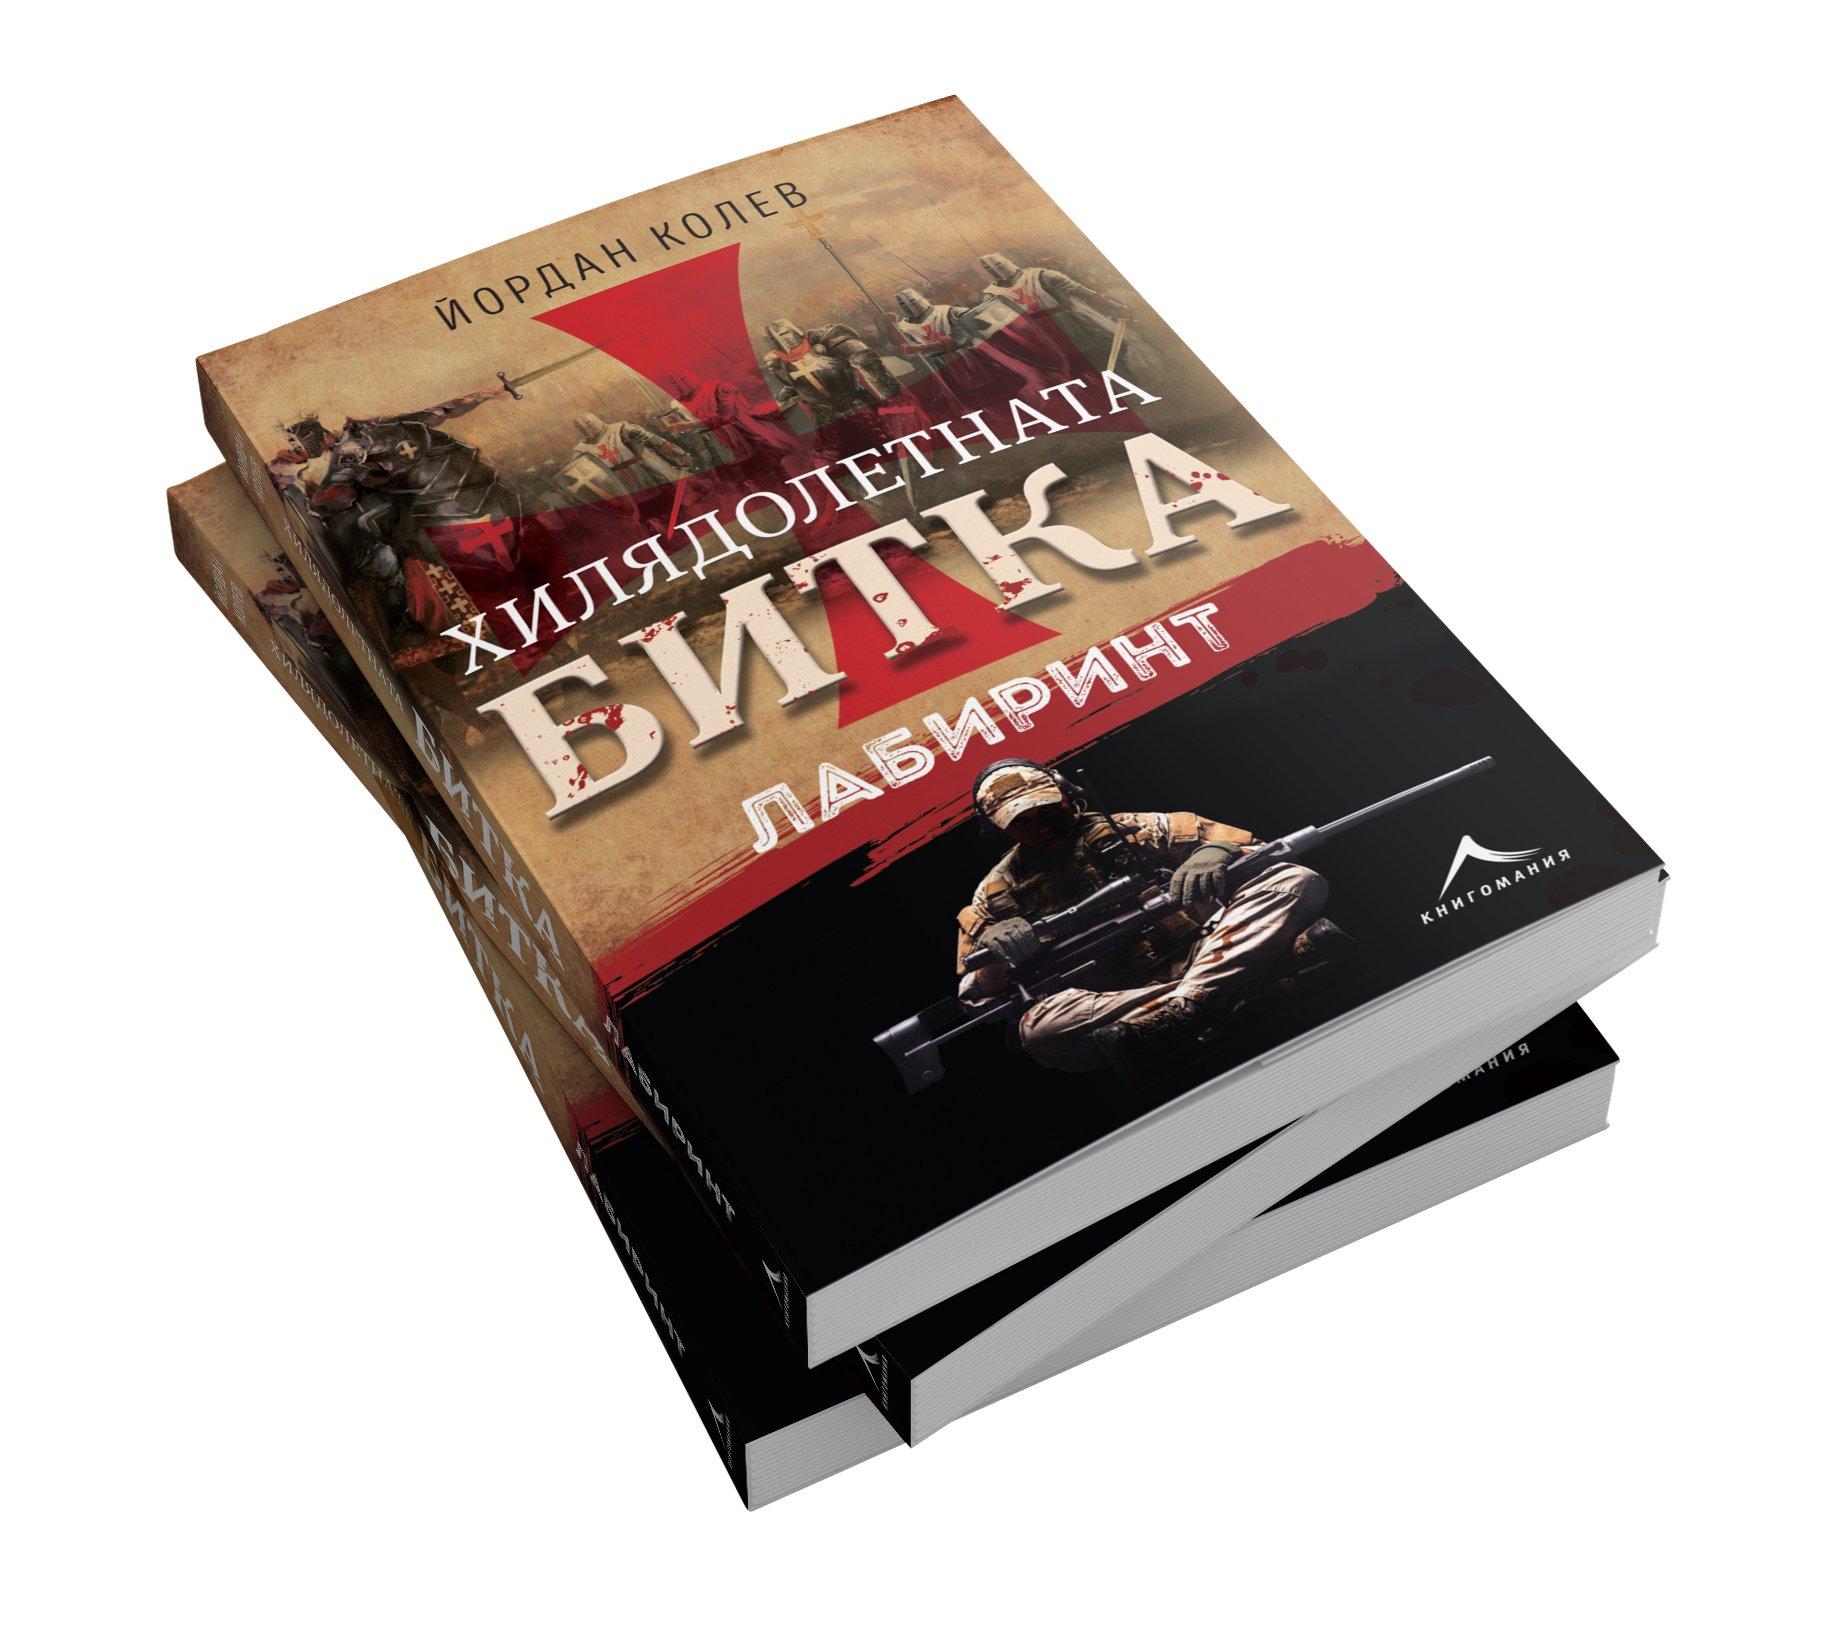 Новият роман на Йордан Колев свързва кръстоносните сражения с войната в Сирия